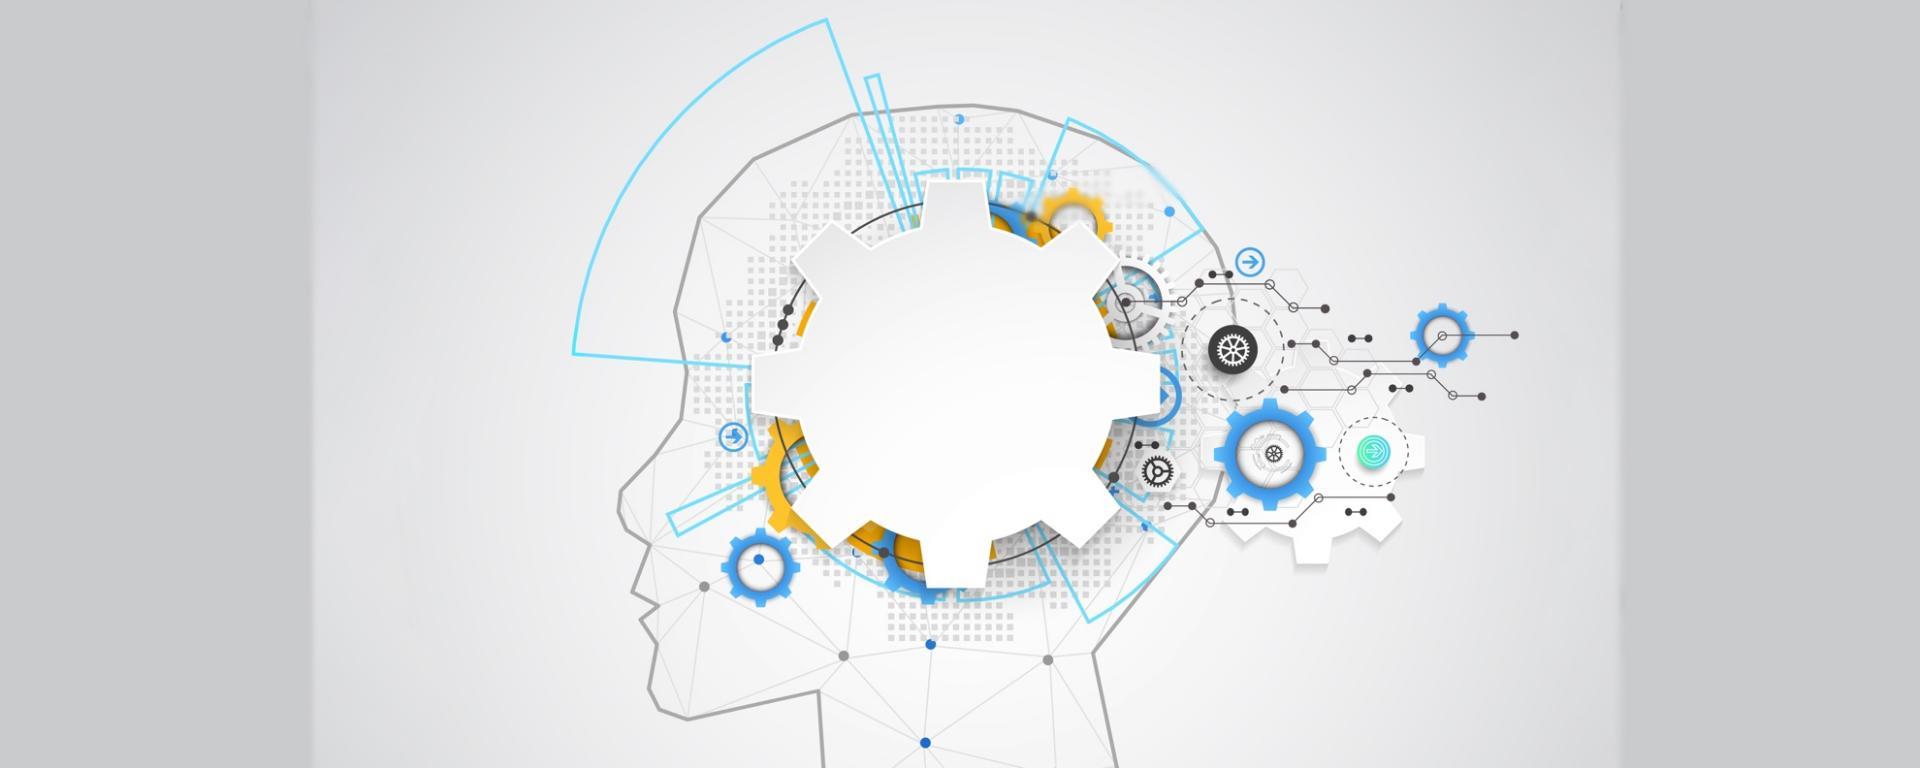 Intelligenza artificiale: cos'è, come funziona e applicazioni